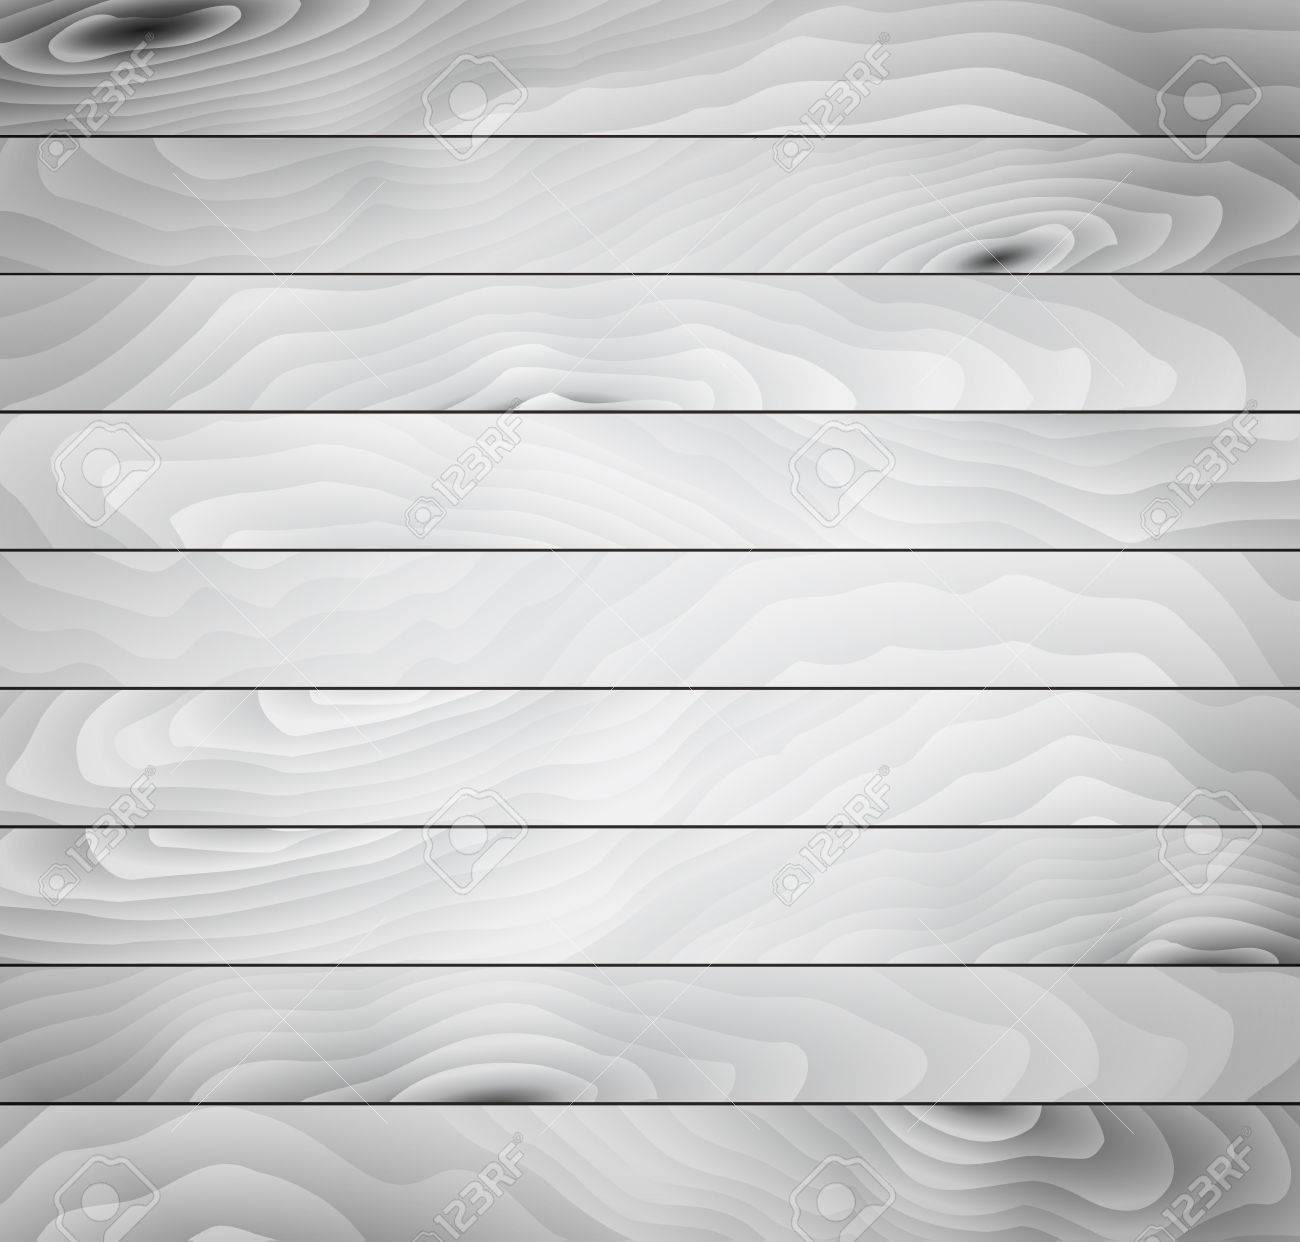 Hellgrau Holz Textur Mit Horizontalen Brettern Boden Tisch